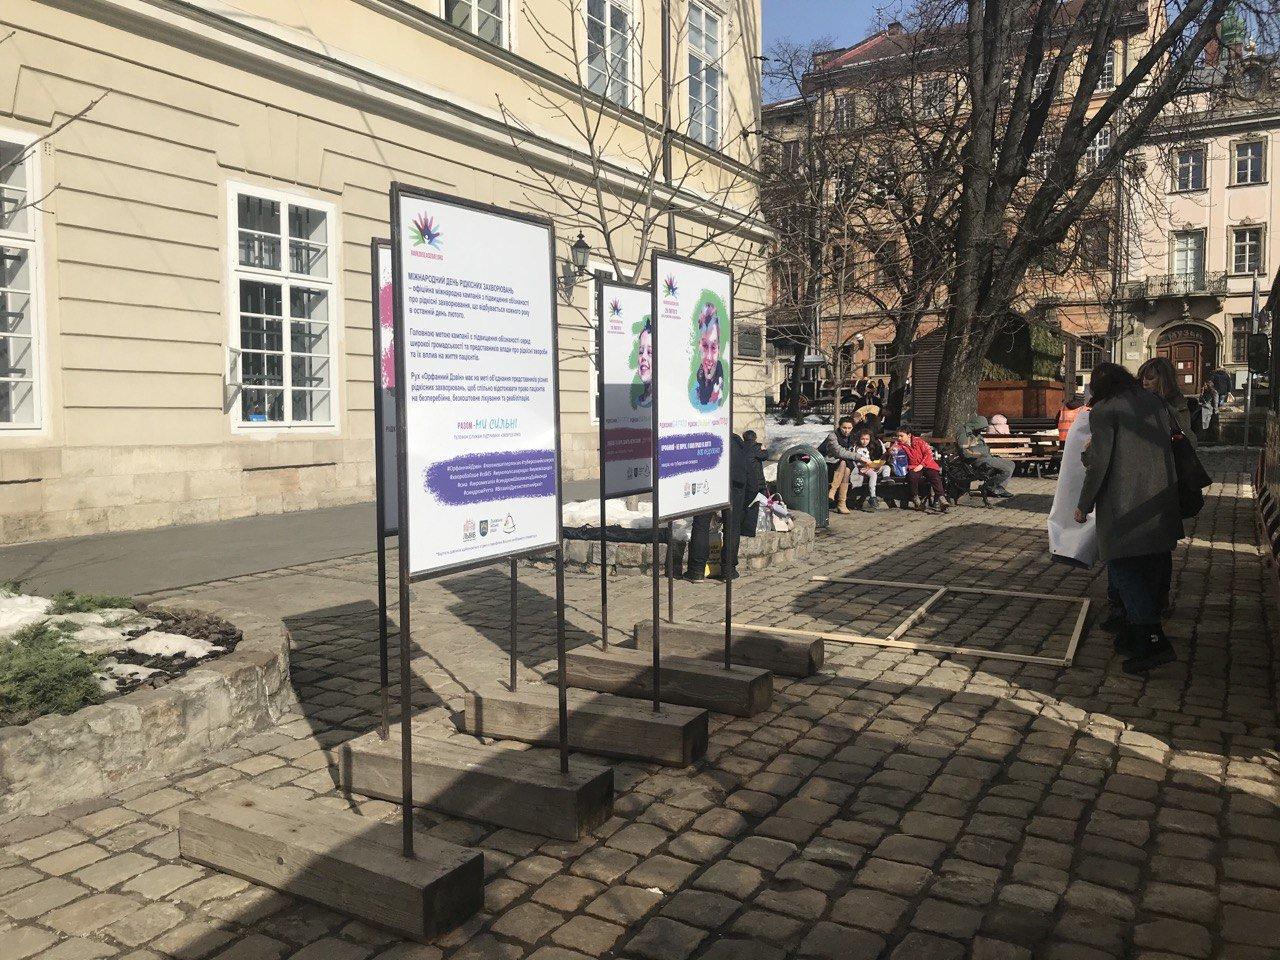 У Львові відкрили вистувку портретів до Дня рідкісних захворювань, Фото: 032.ua